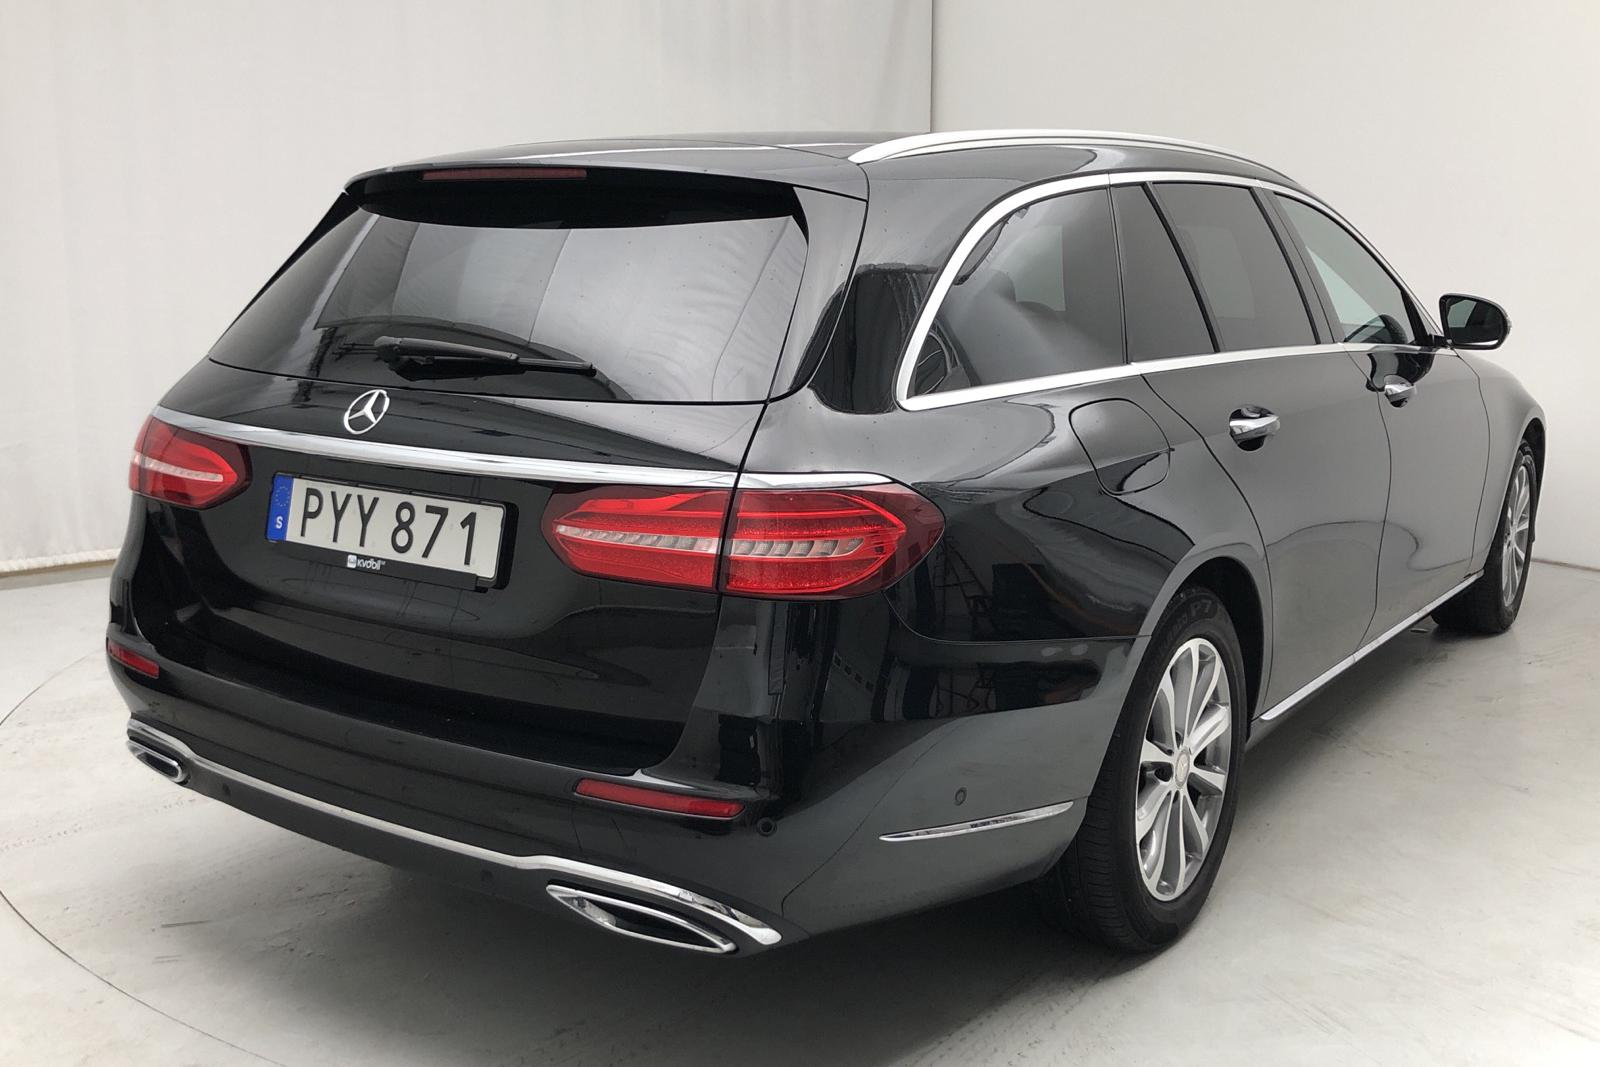 Mercedes E 220 d Kombi S213 (194hk) - 69 249 km - black - 2017